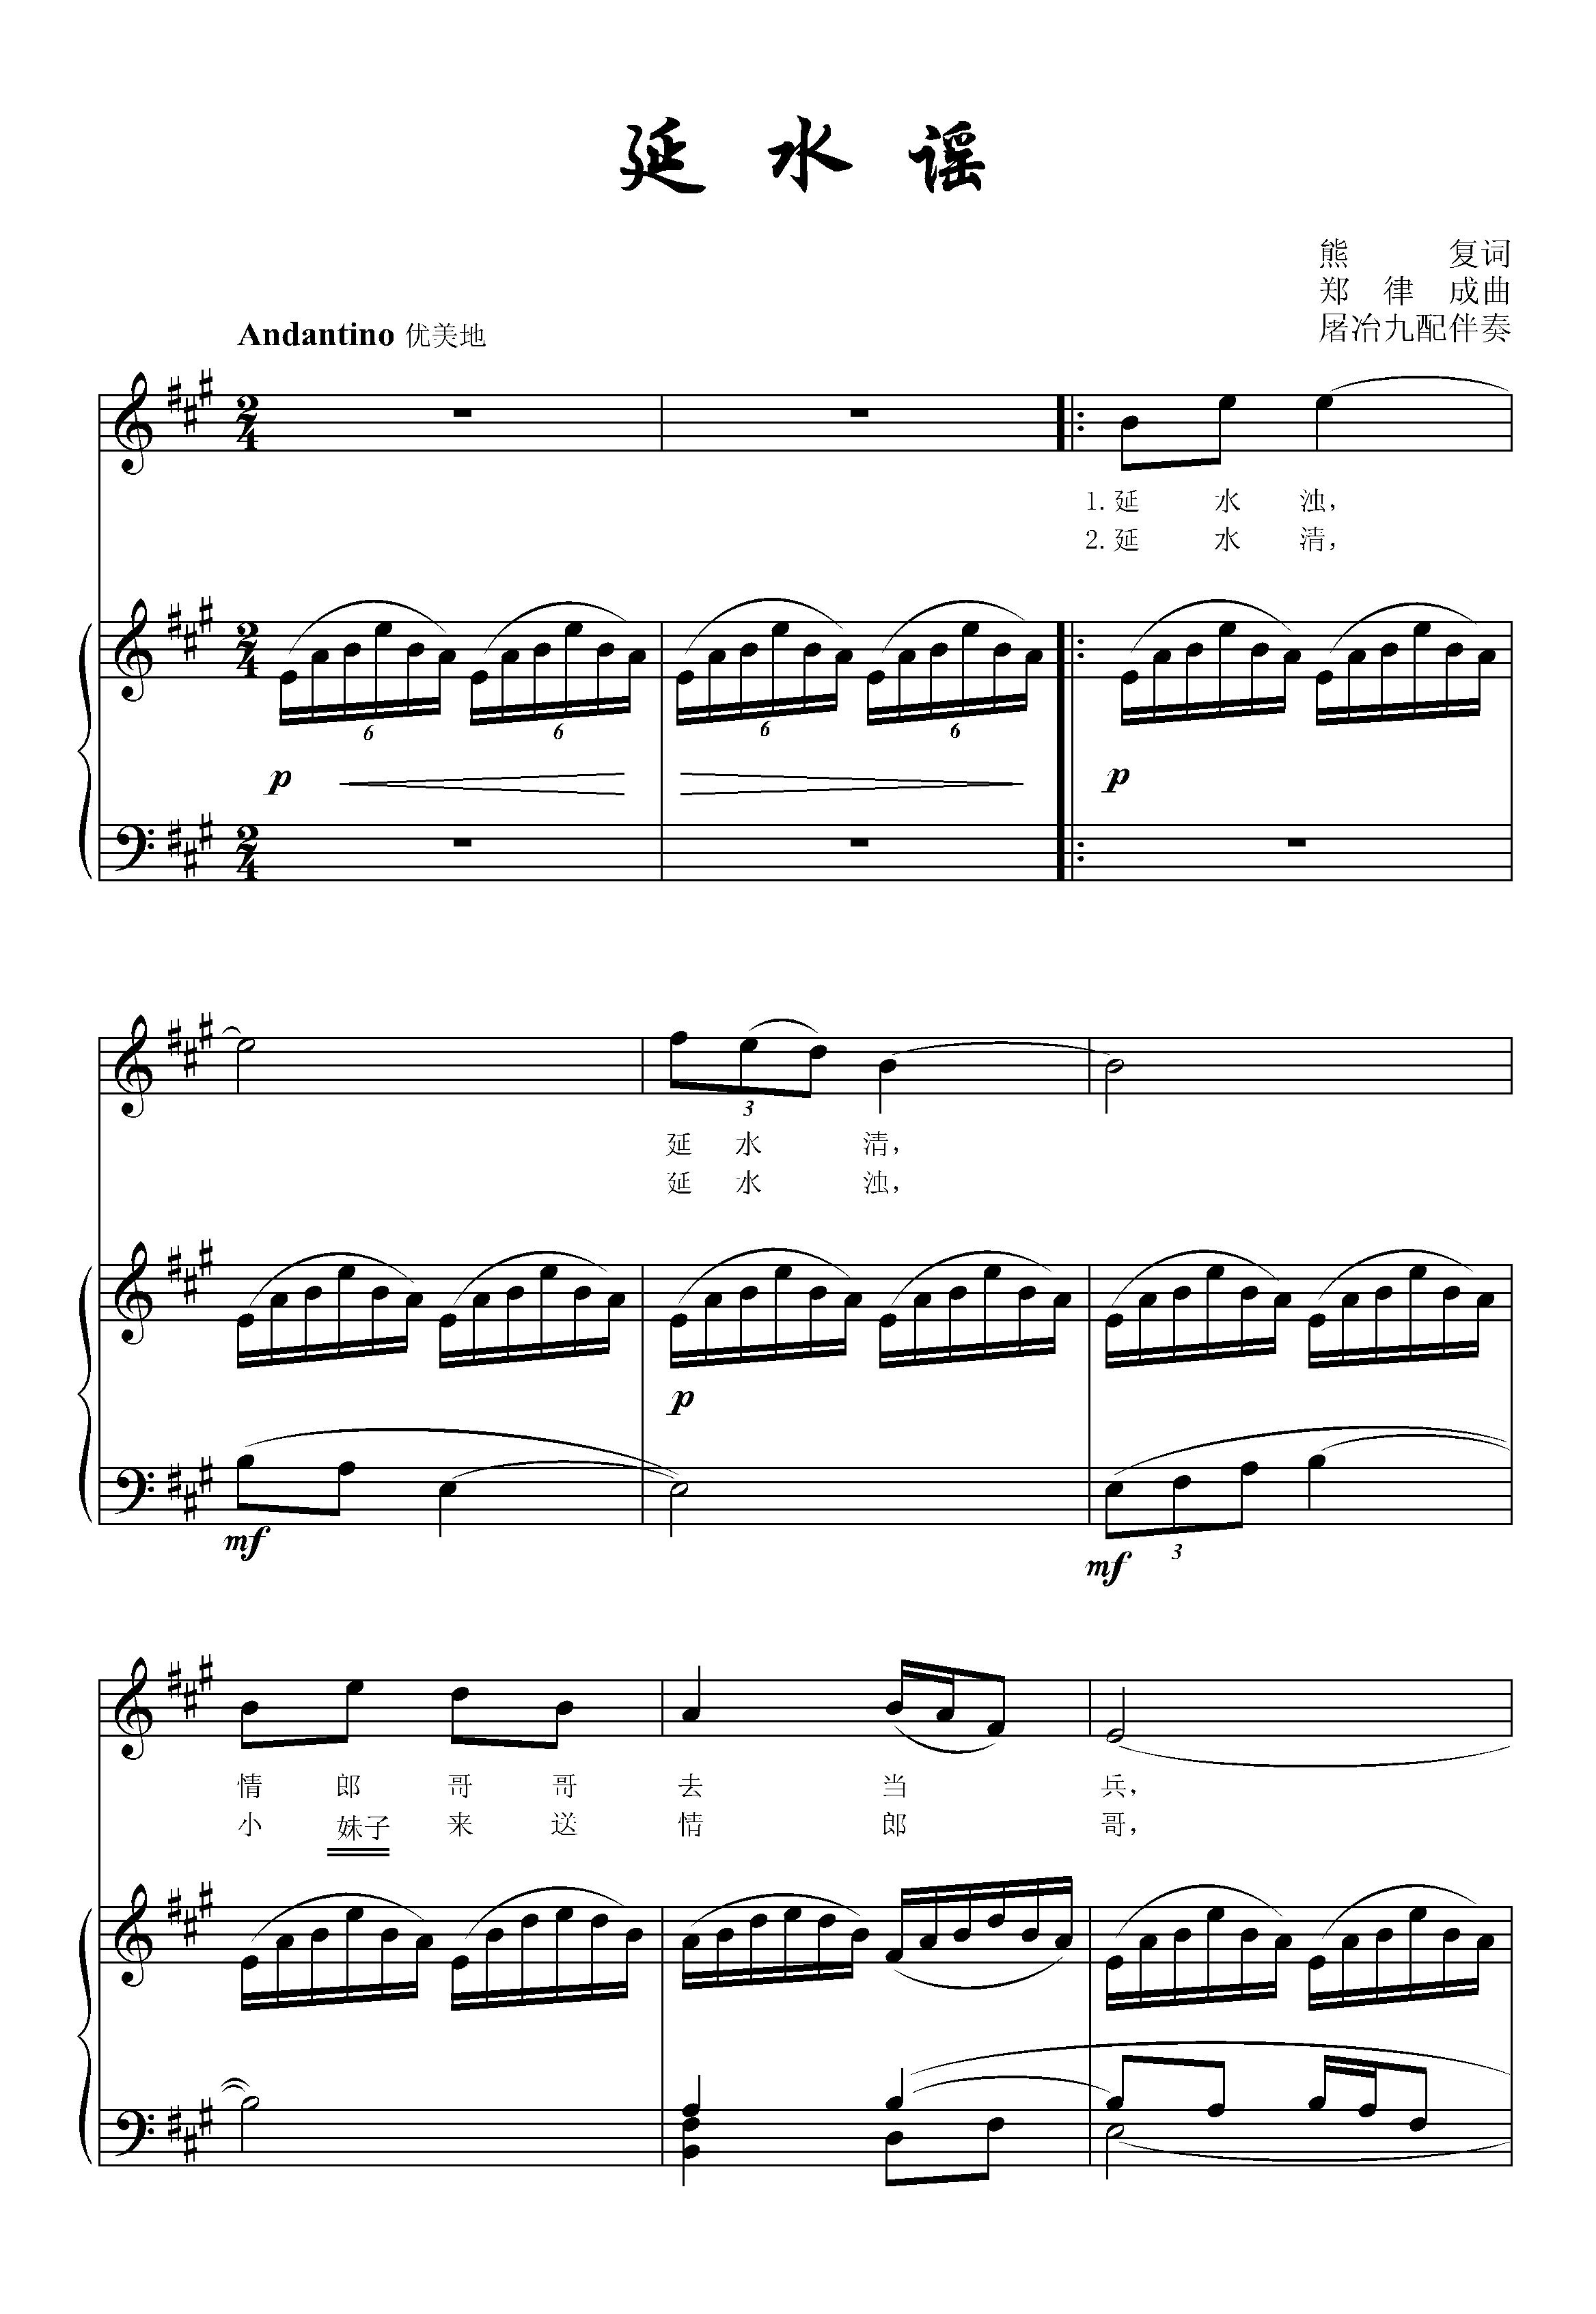 延水谣 钢琴伴奏谱 A调 可移调 正谱 声乐 高清